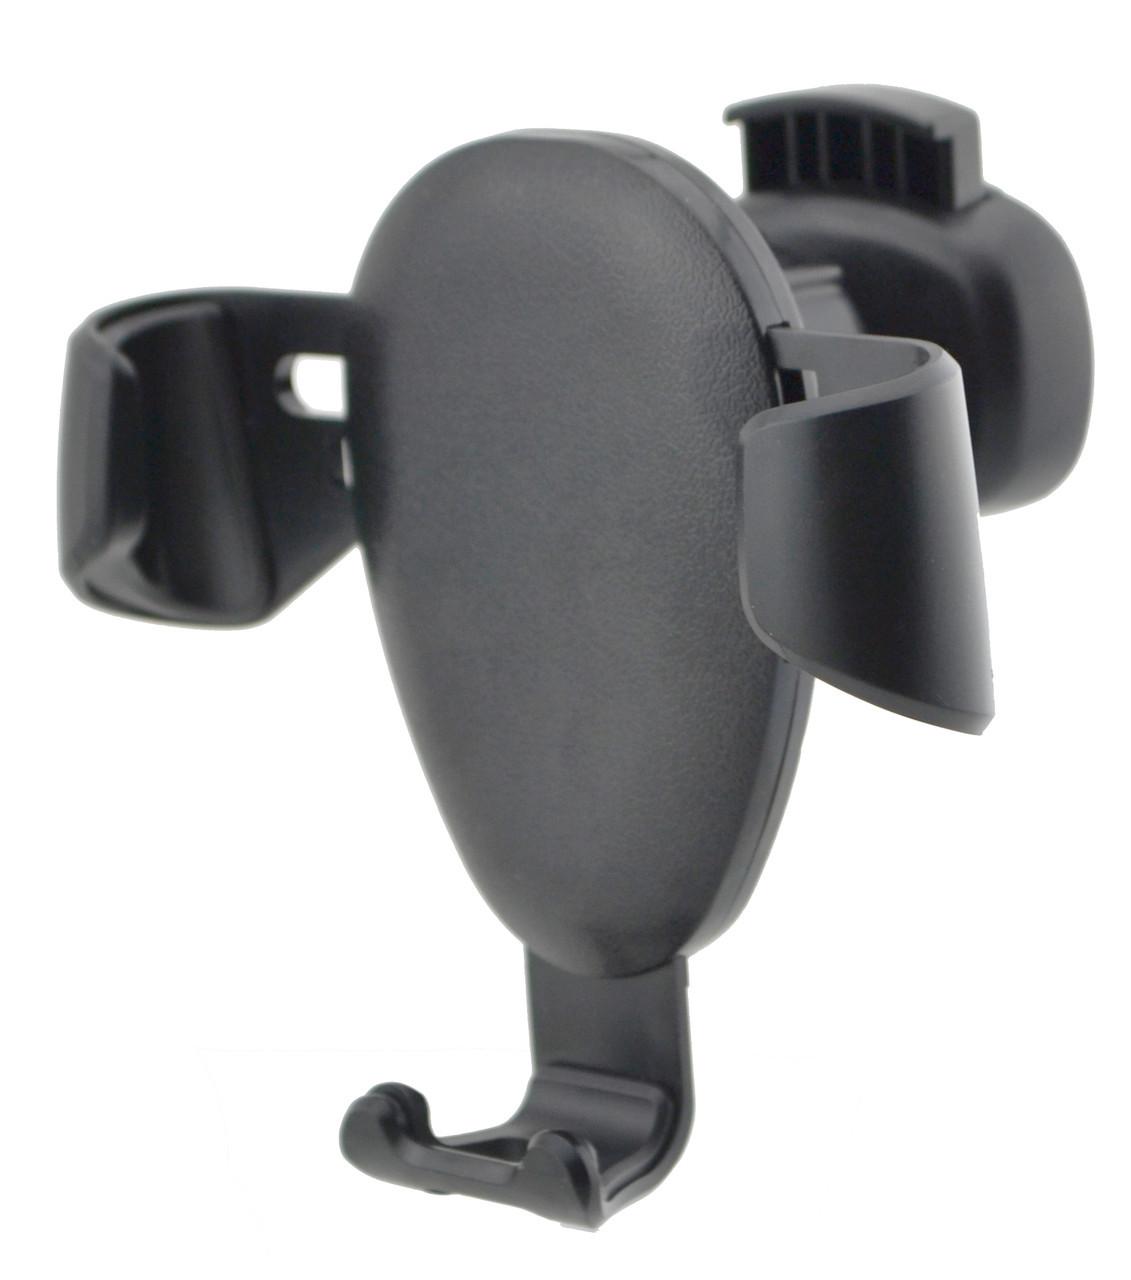 Гравитационный автомобильный держатель для телефона на воздуховод UKC 009